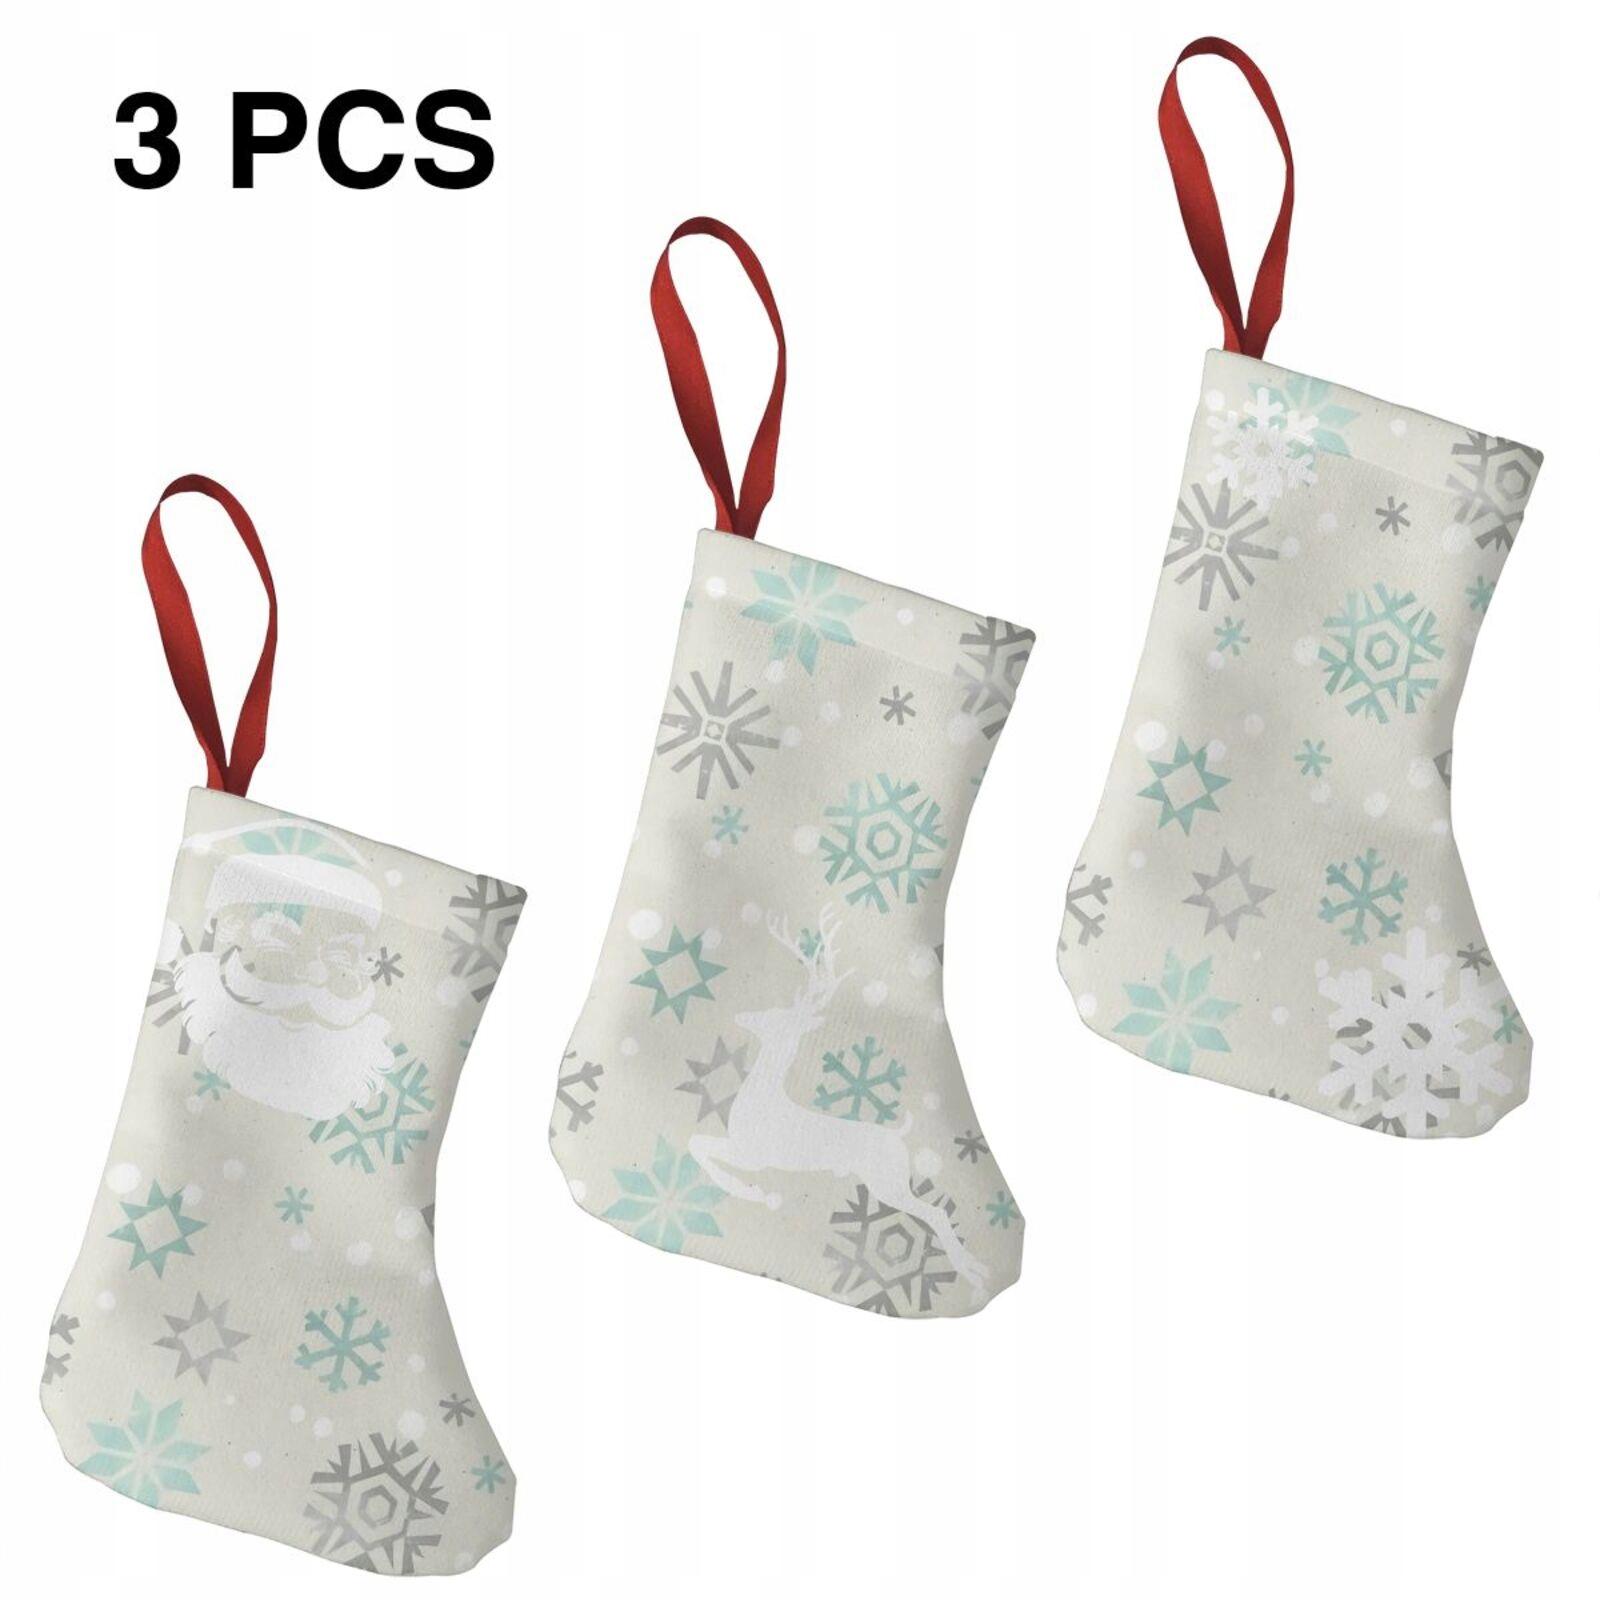 3 kusy vianočná pančucha darček na vianočný stromček